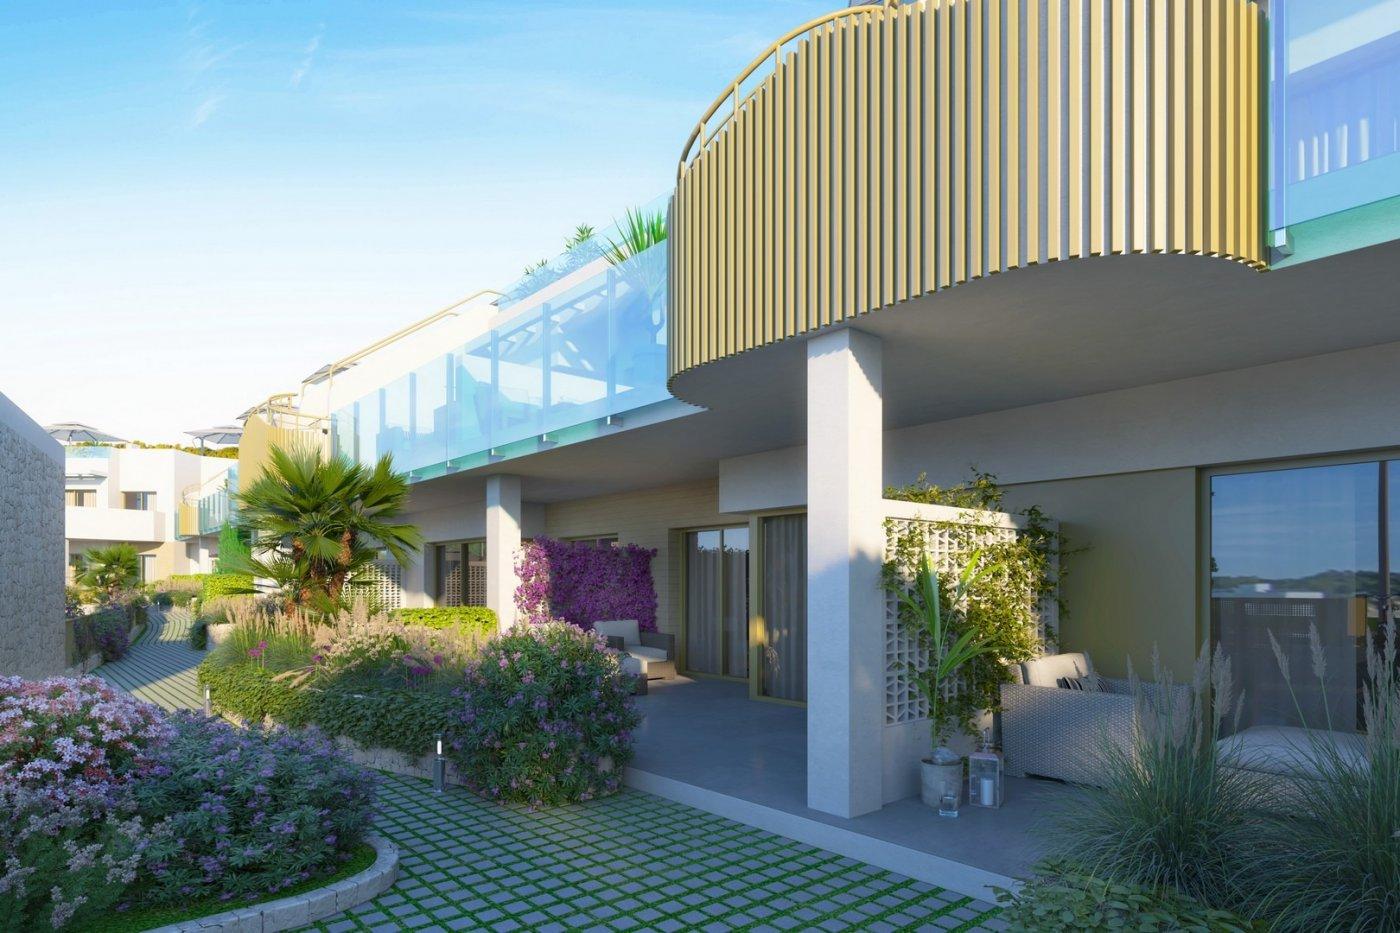 Nuevo residencial en pilar de la horadada!!! - imagenInmueble0